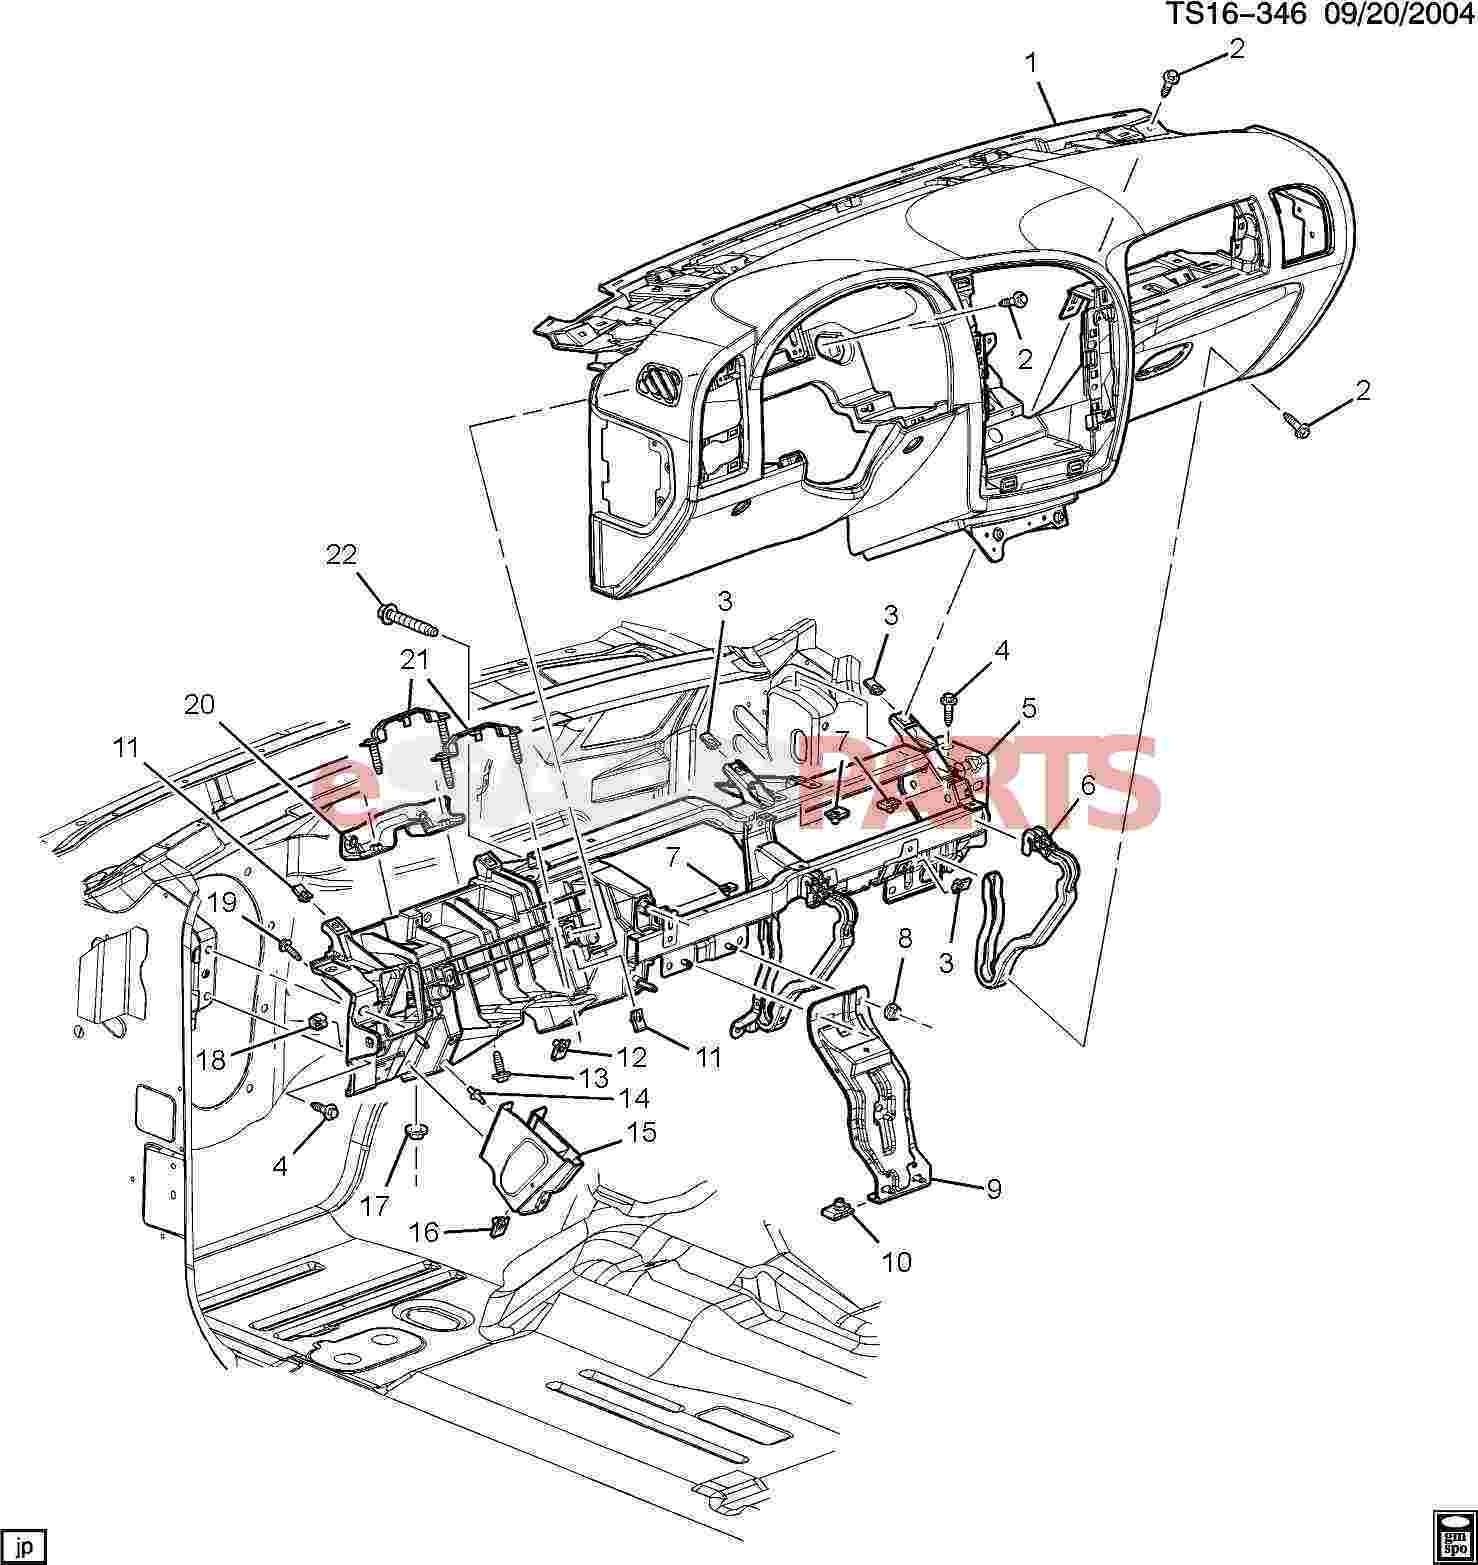 Car Body Parts Diagram Catalog Esaabparts Saab 9 7x Car Body Internal Parts Instrument Of Car Body Parts Diagram Catalog